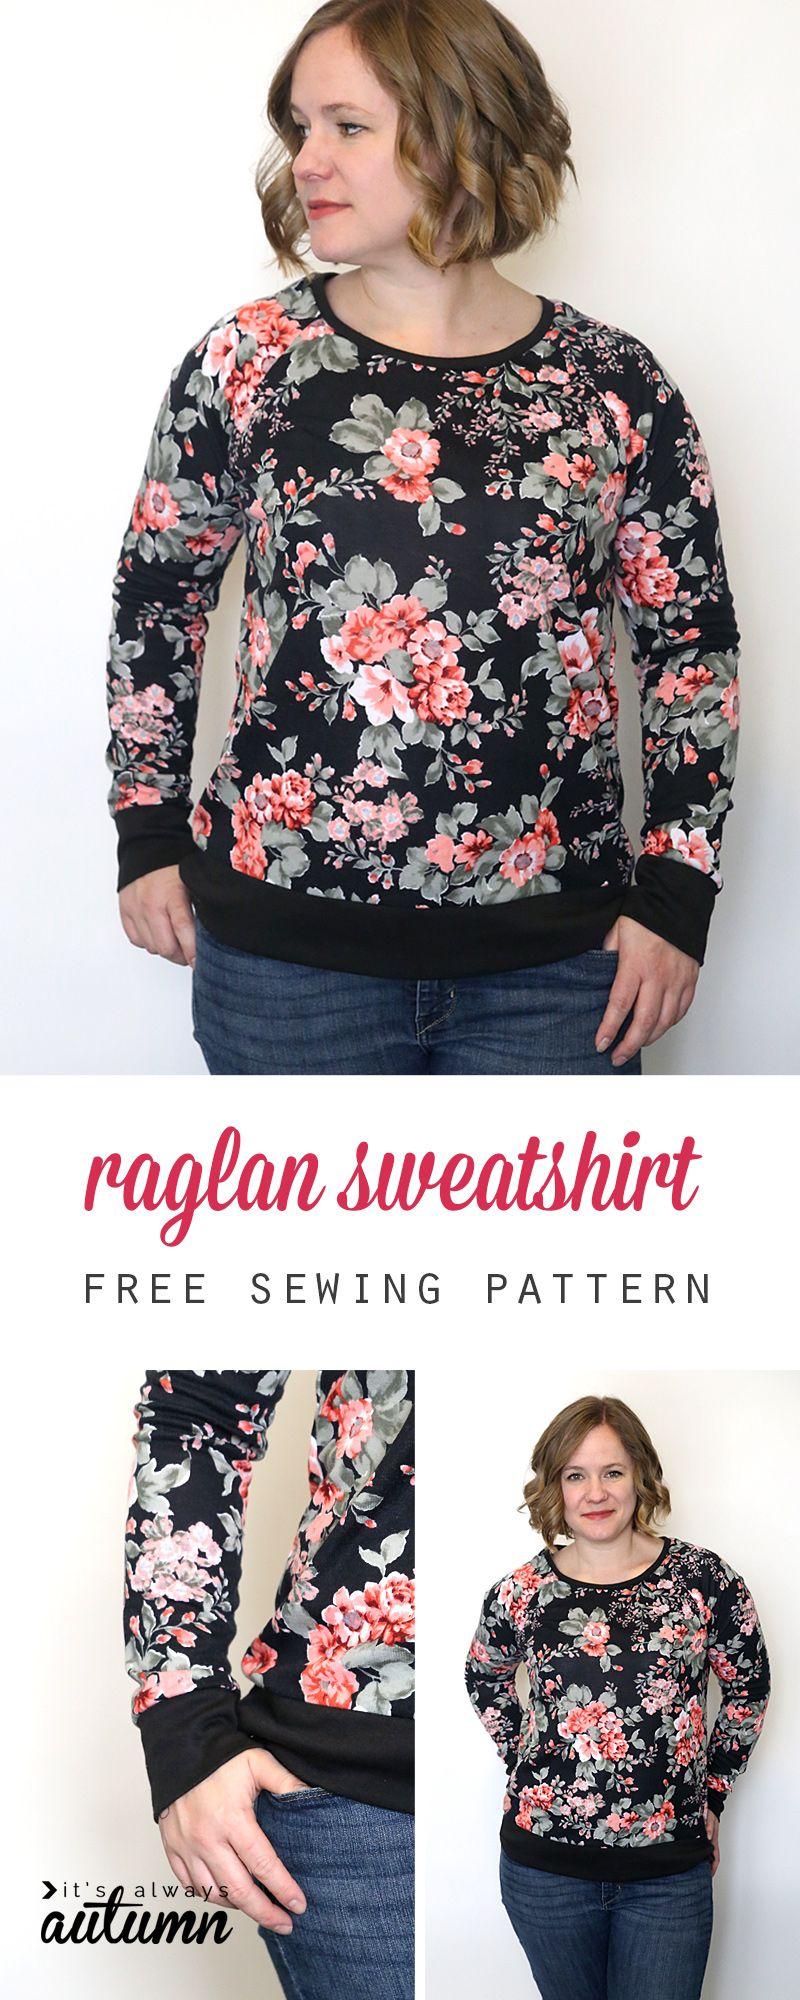 b5544f8a8 long sleeve raglan sweatshirt